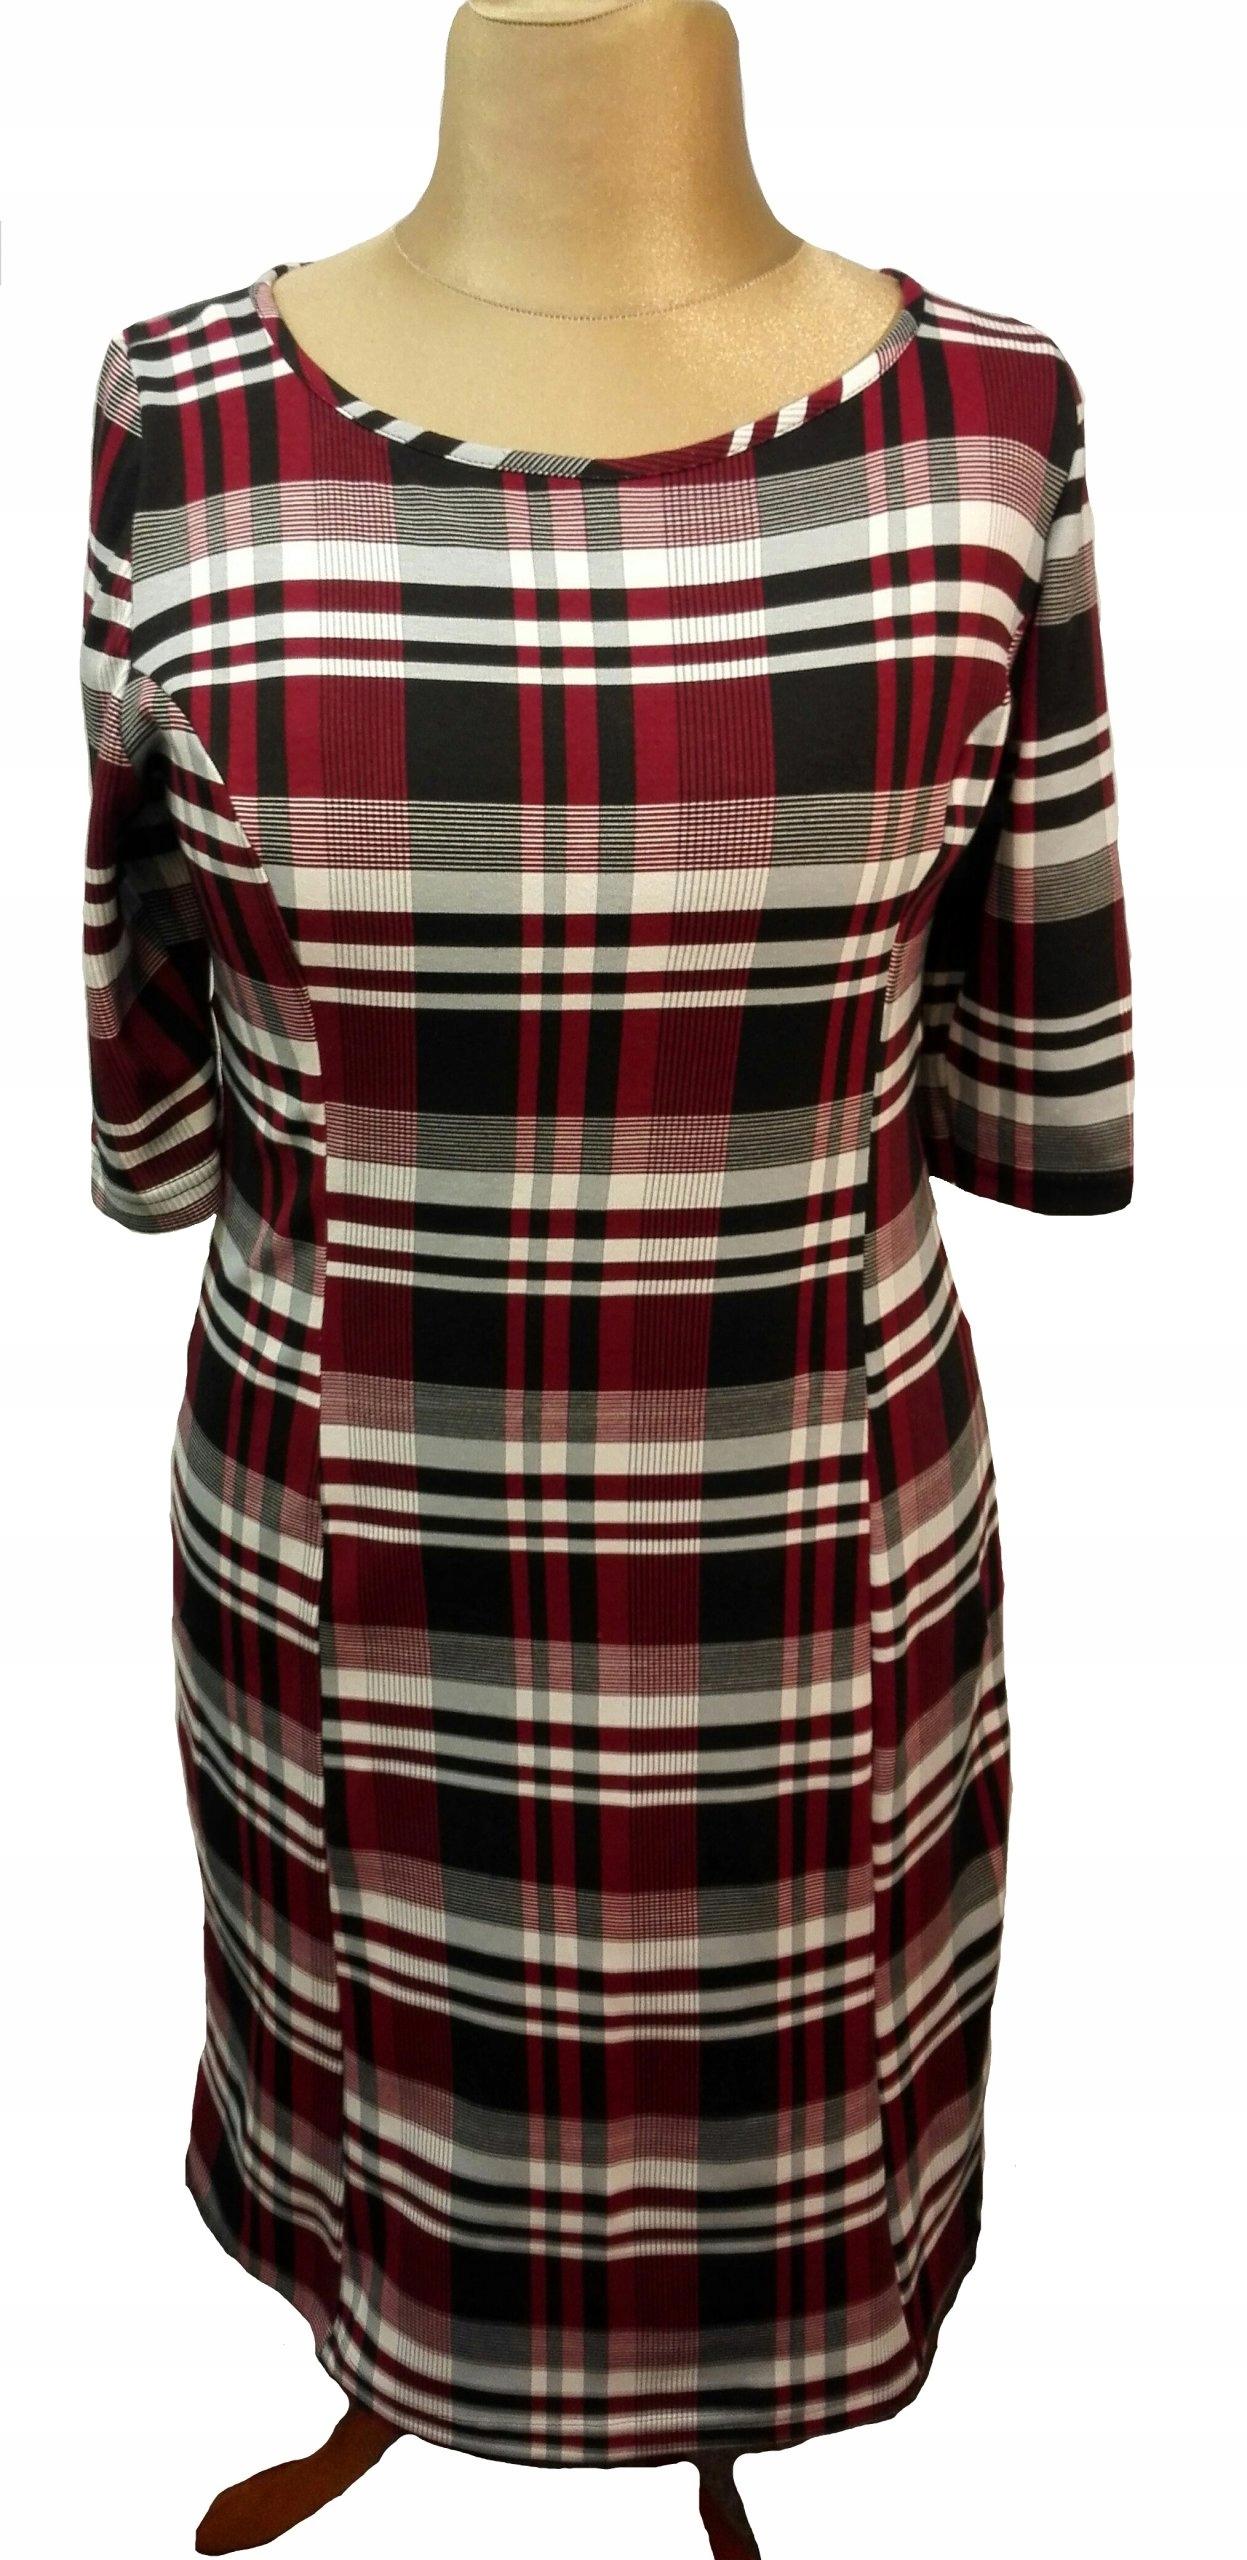 fa9f60f2ae Sukienka dresowa 44 - 46 DUŻE ROZMIARY - 7405555600 - oficjalne ...